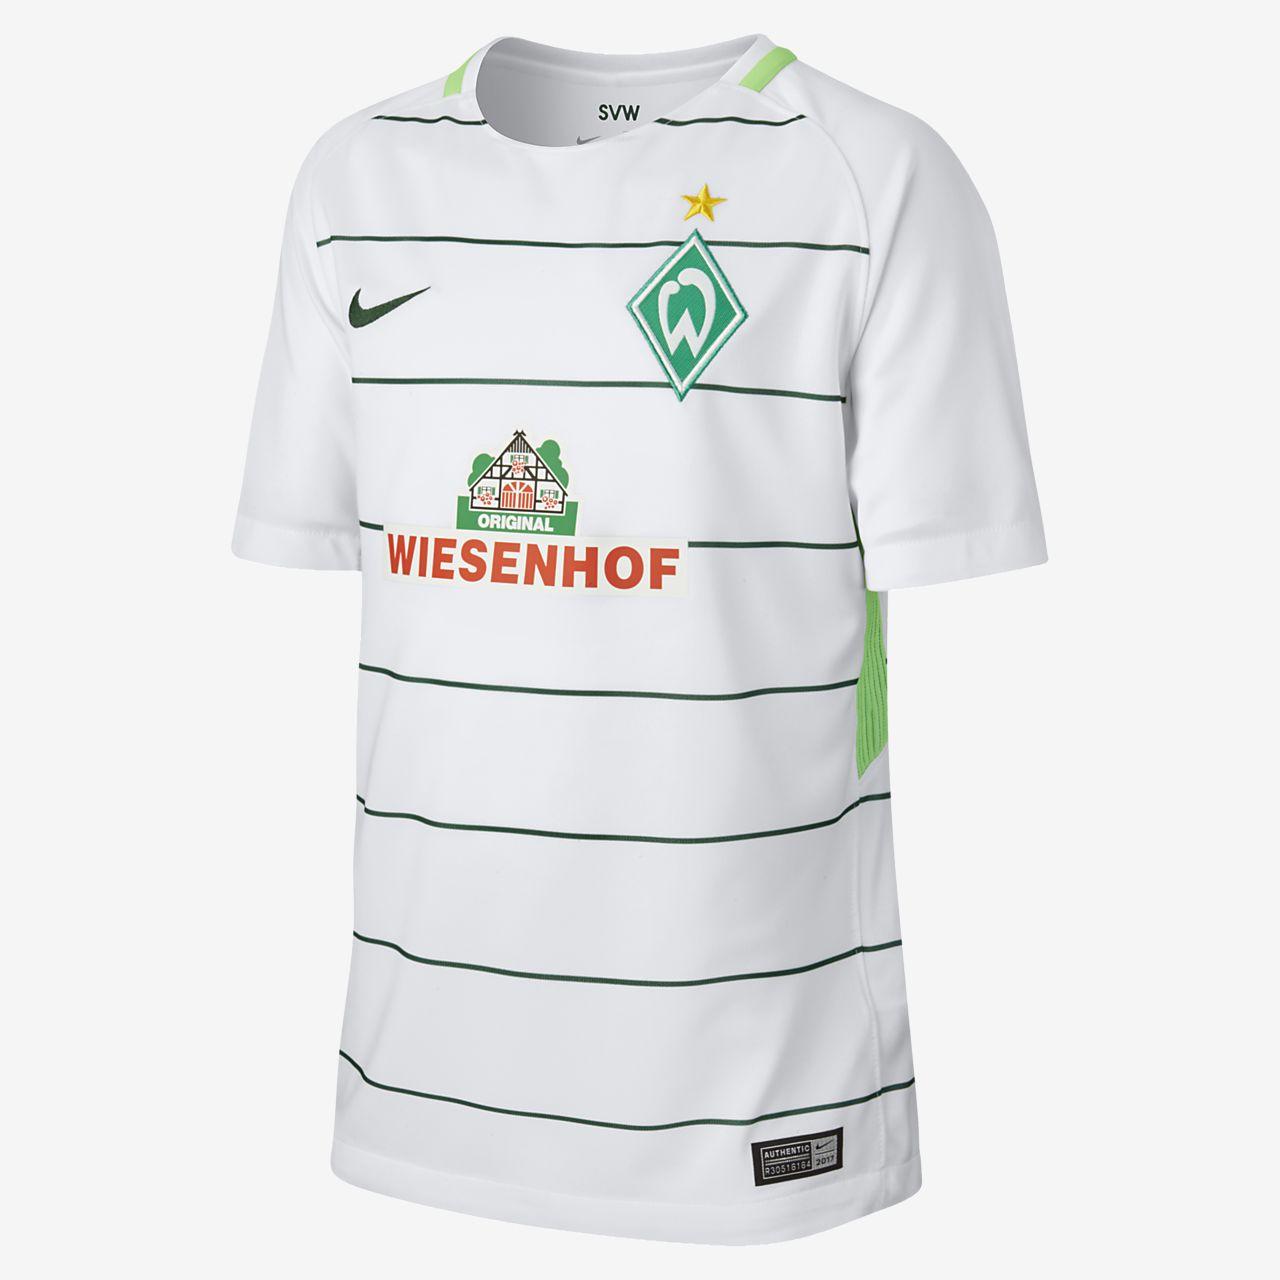 2017/18 Werder Bremen Stadium Away Fußballtrikot für ältere Kinder